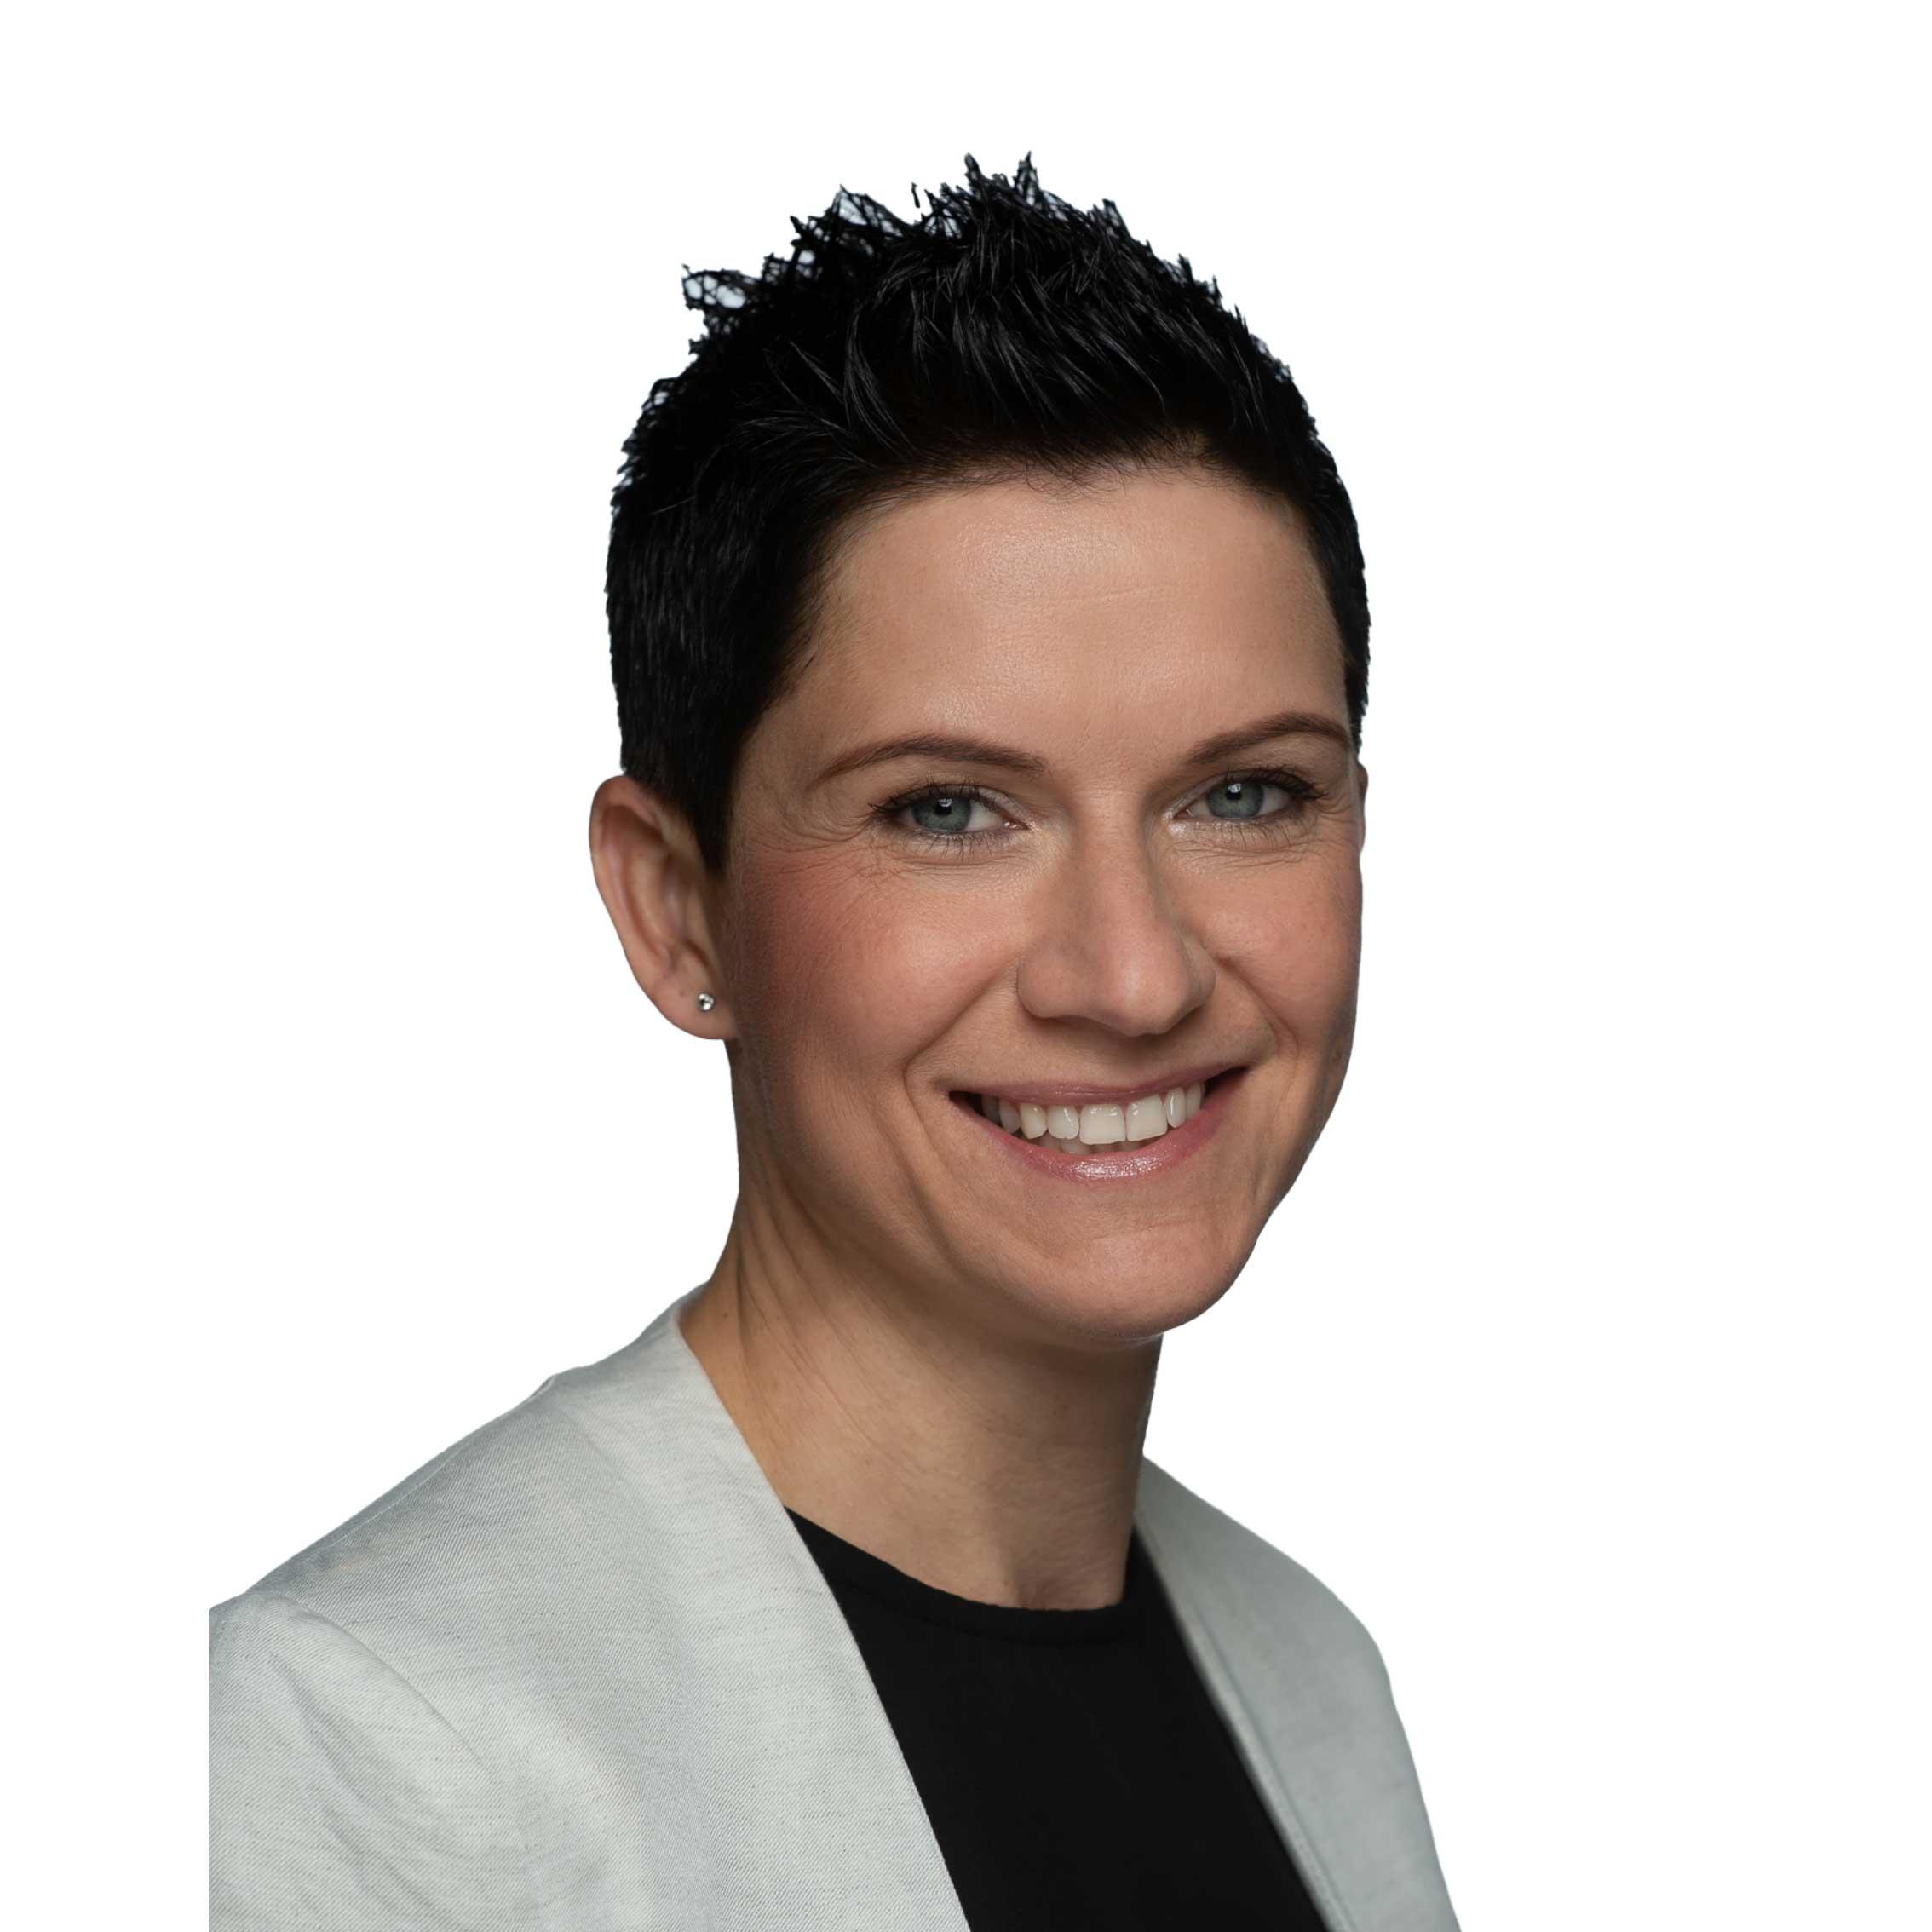 Peggy Koch